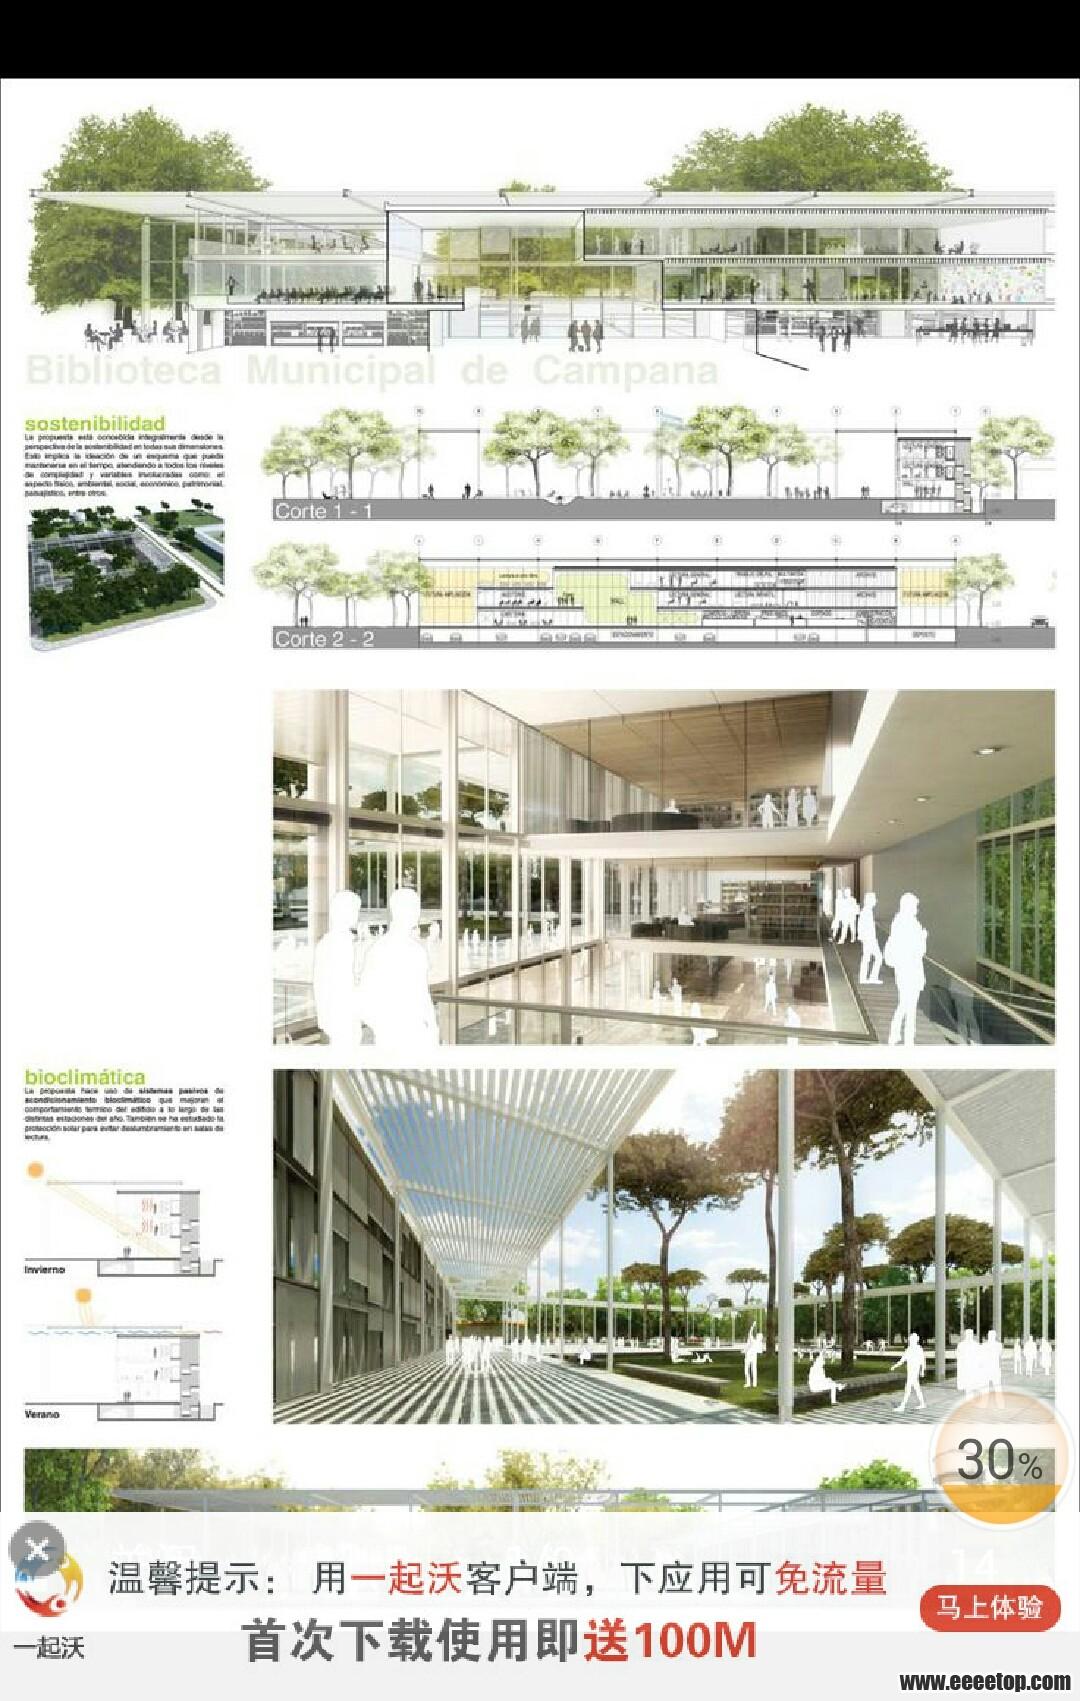 设计竞赛排版分享 - 资料分享区 - e拓建筑网 - 中国.